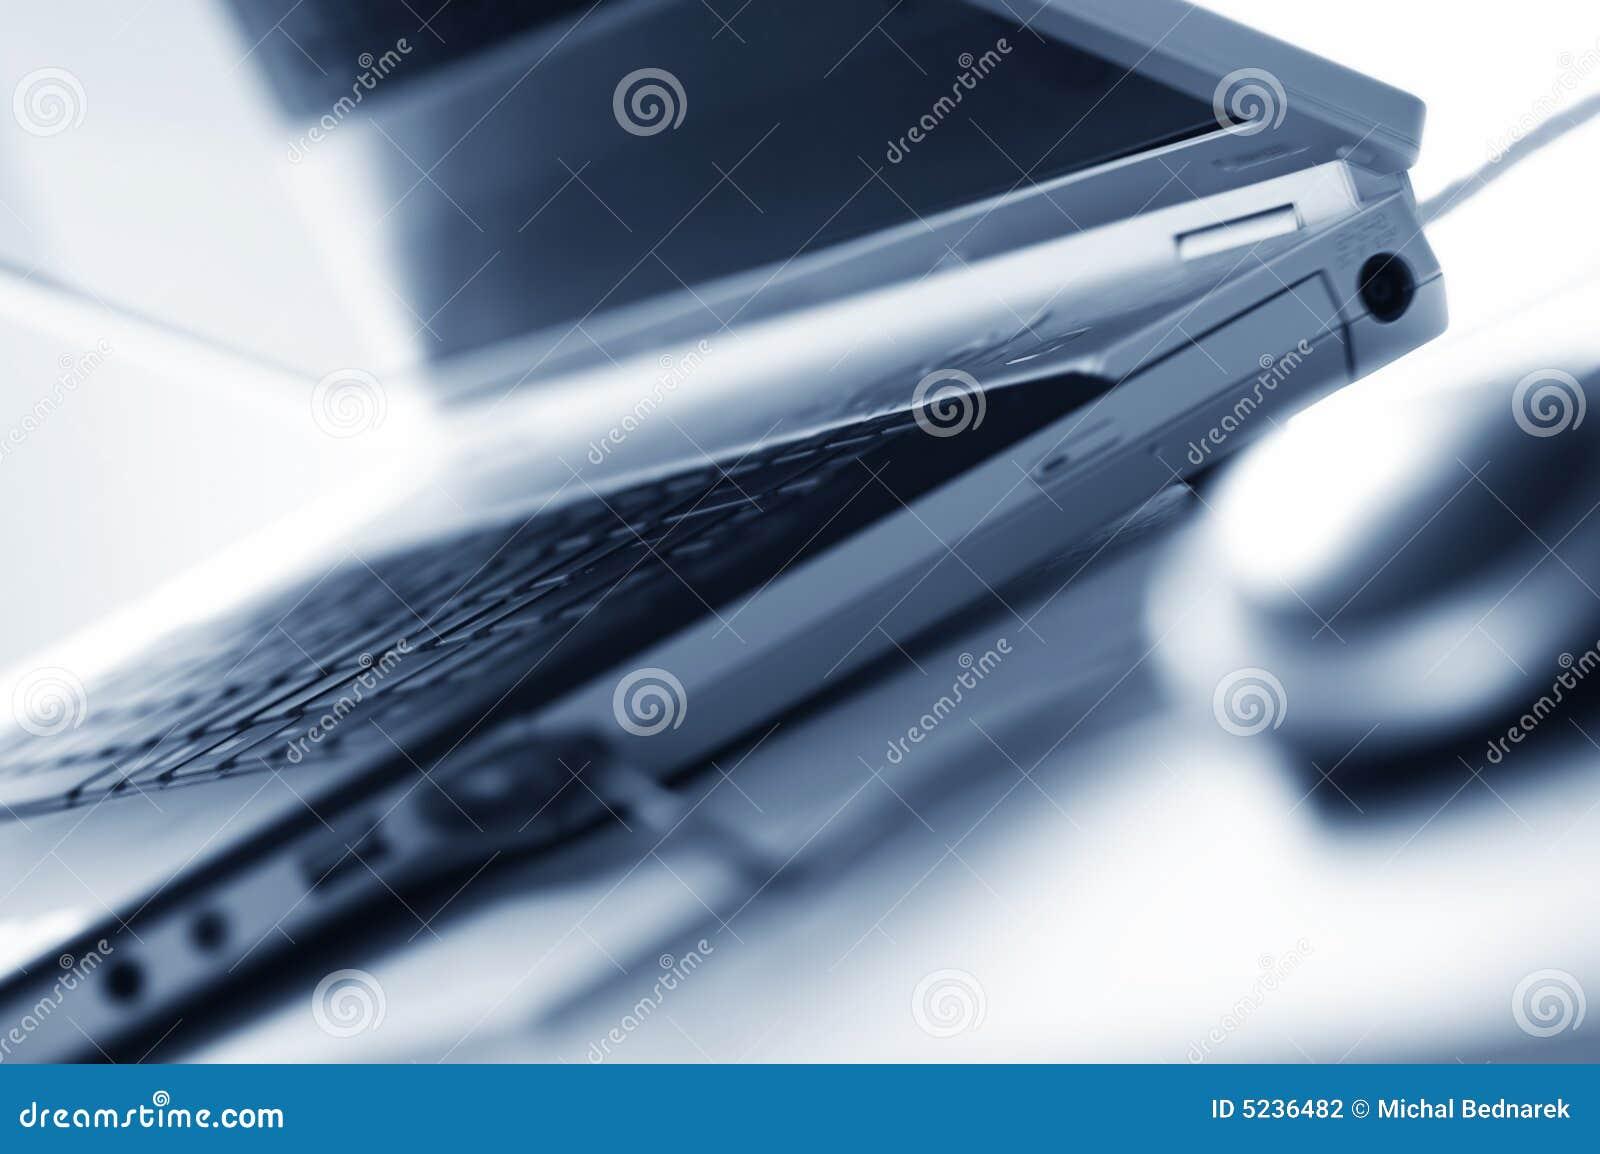 Modern business equipment